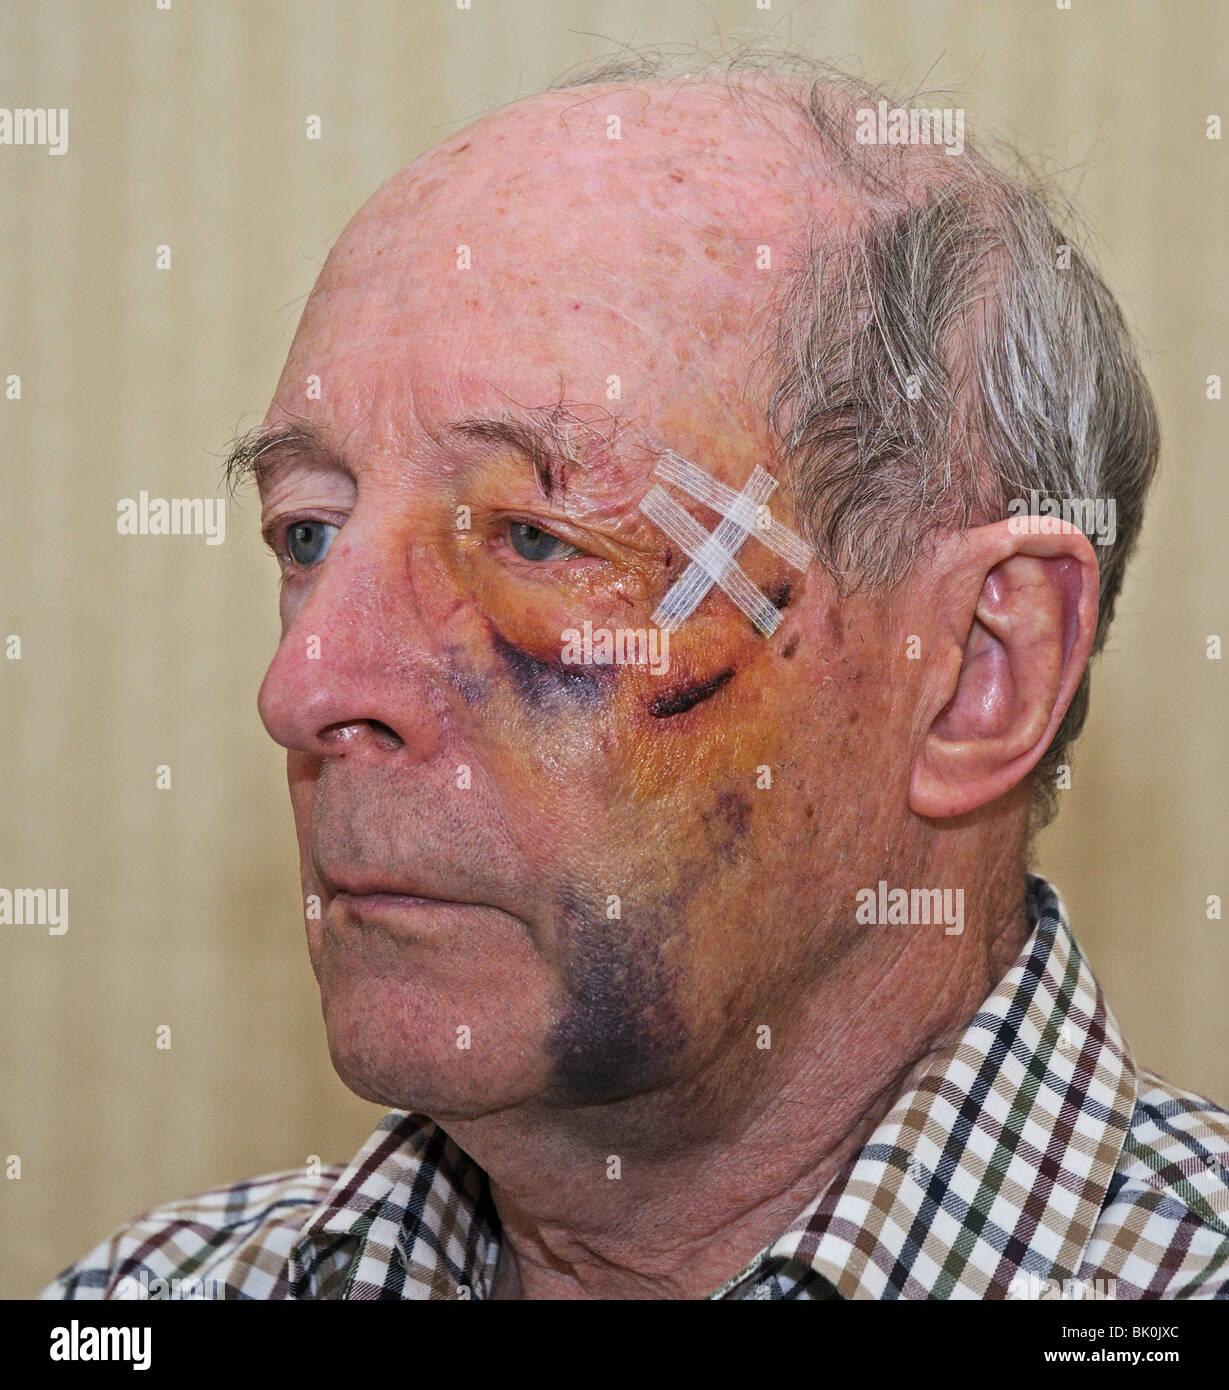 Facial Wounds 114